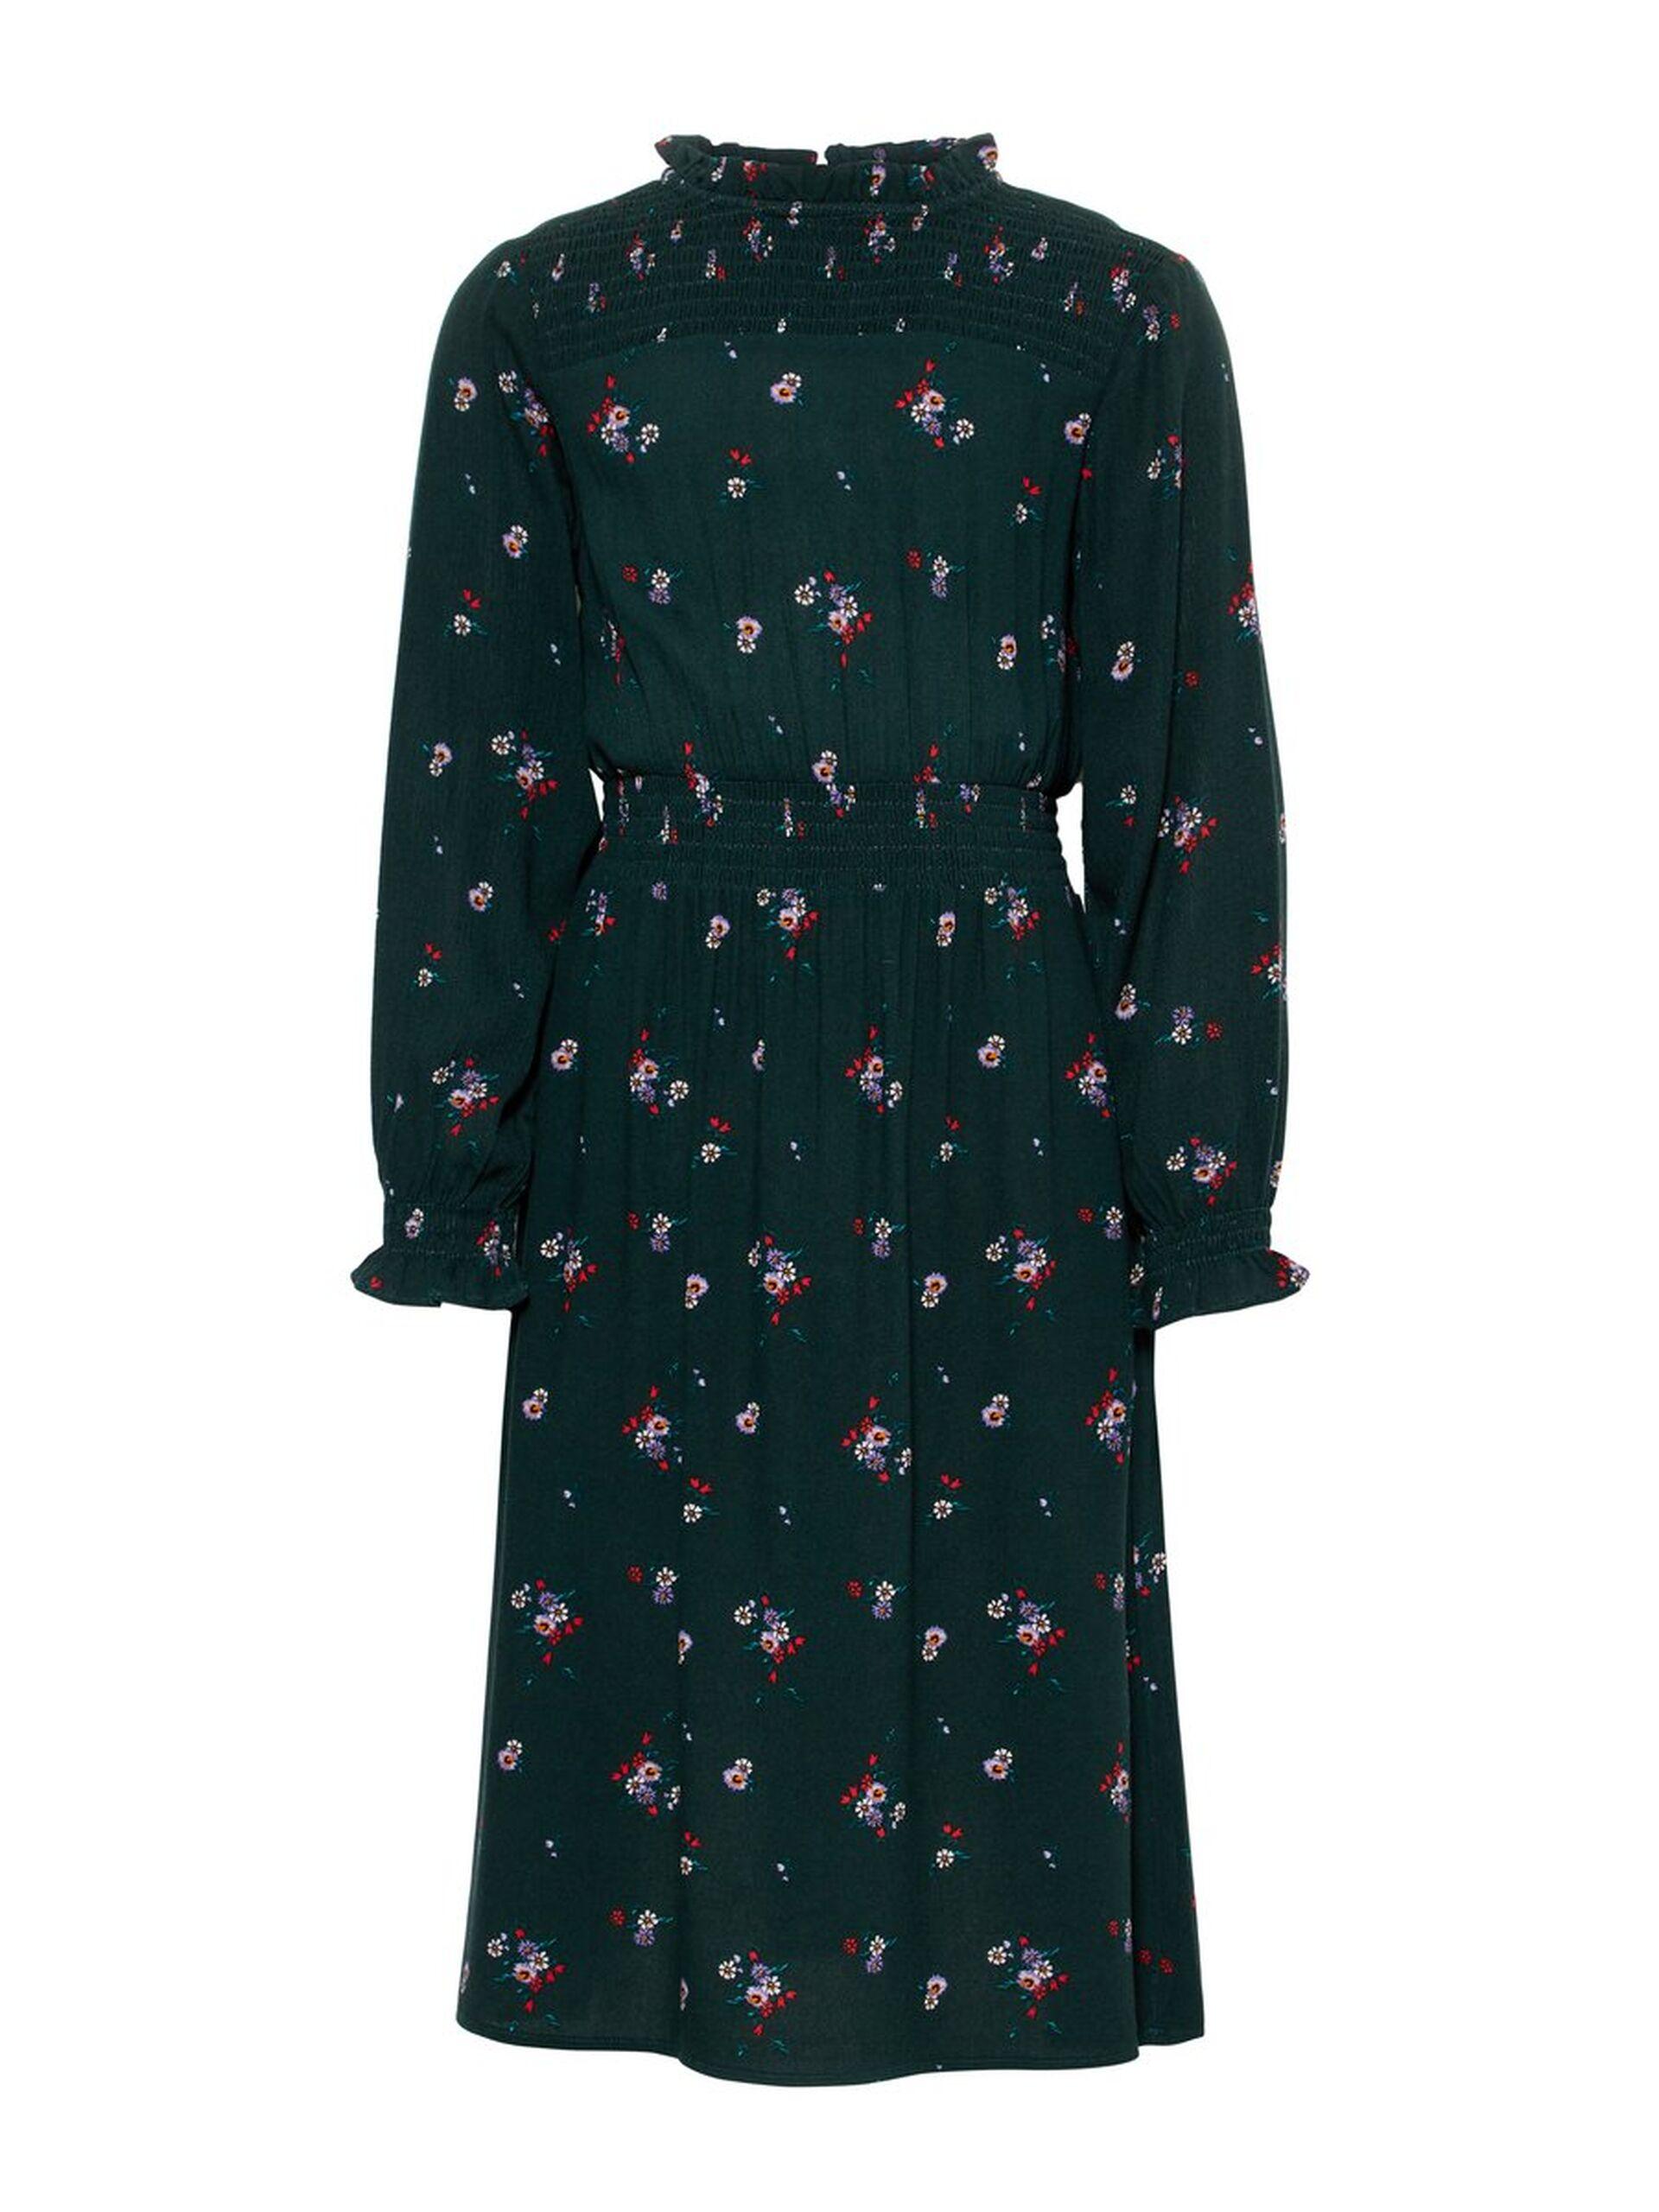 b4191c05 Grønn kjole barn, mørke grønn kjole fra Name It. Name It kjole blomster